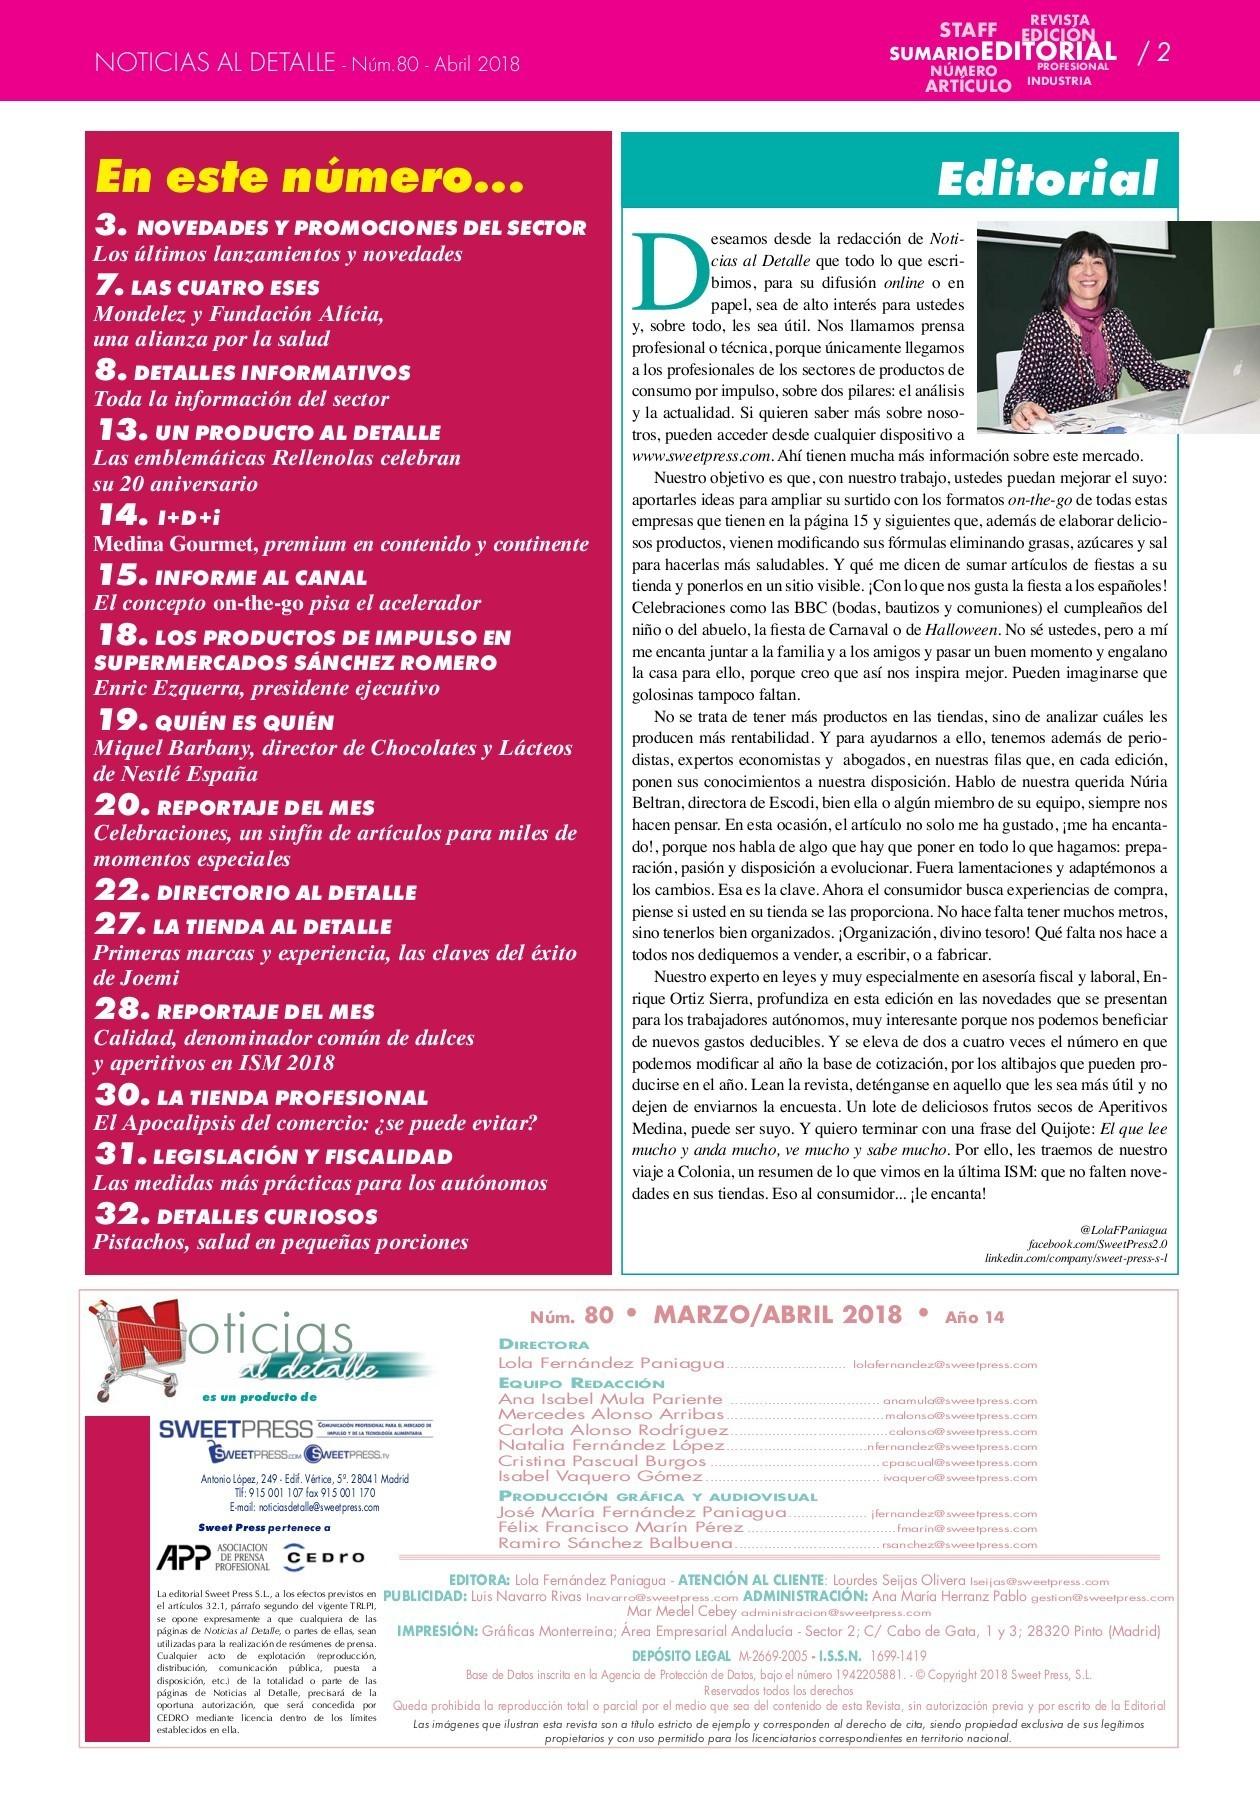 Calendario Laboral 2020 En Catalunya Más Recientemente Liberado Noticias Al Detalle Nºm 80 Marzo Abril 2018 Pages 1 32 Of Calendario Laboral 2020 En Catalunya Más Reciente News